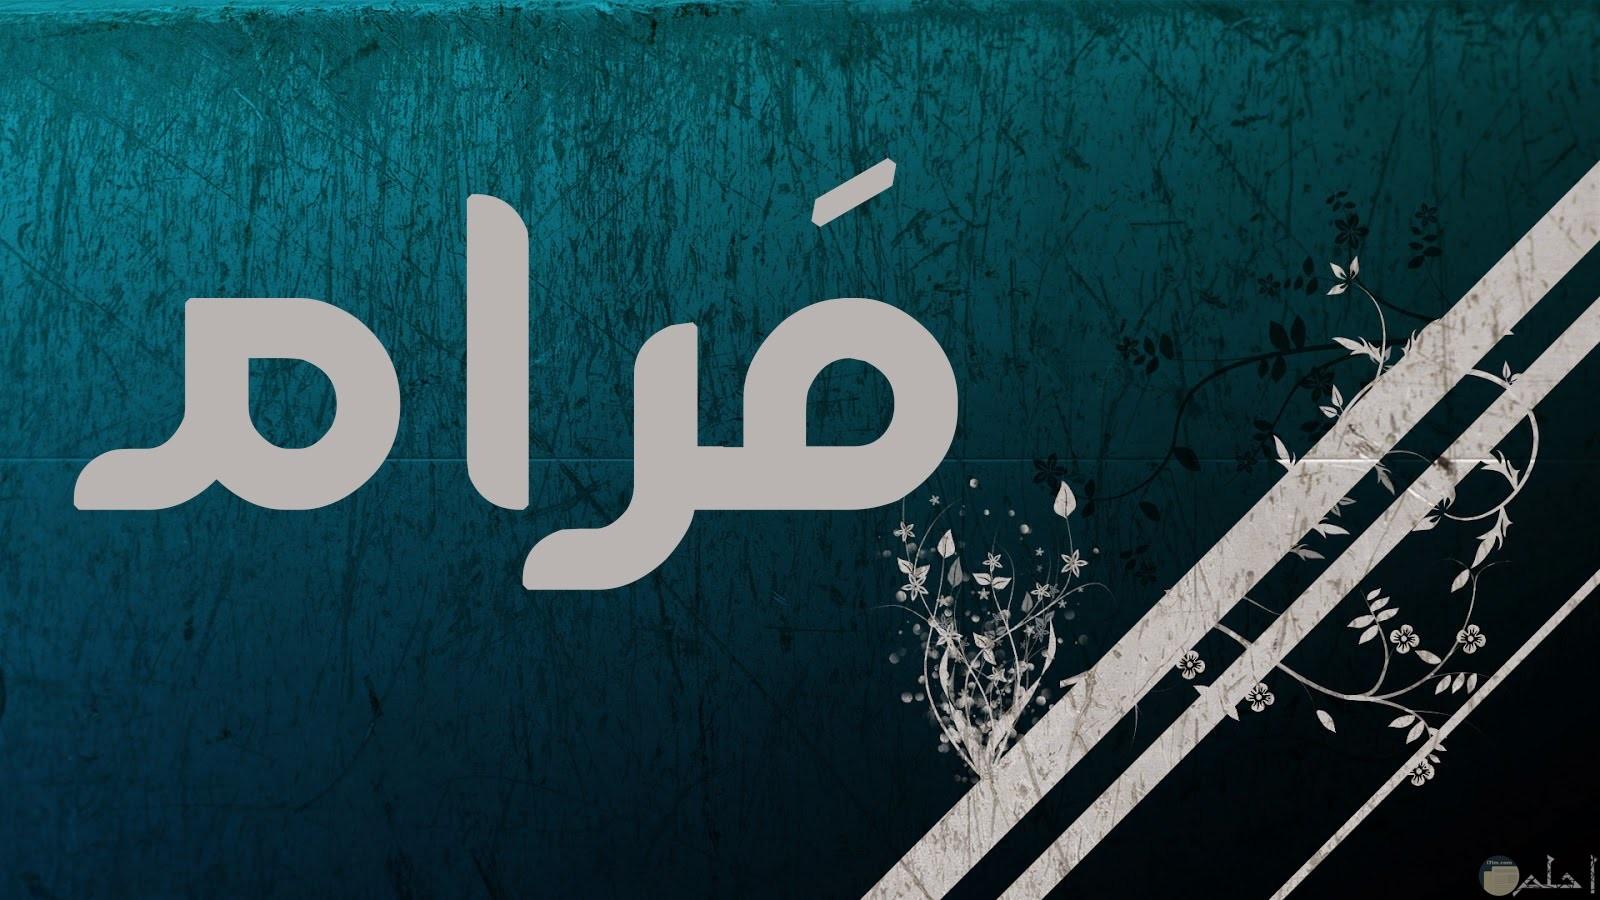 إسم مرام مزخرف و معناه الهدف أو المطلب.